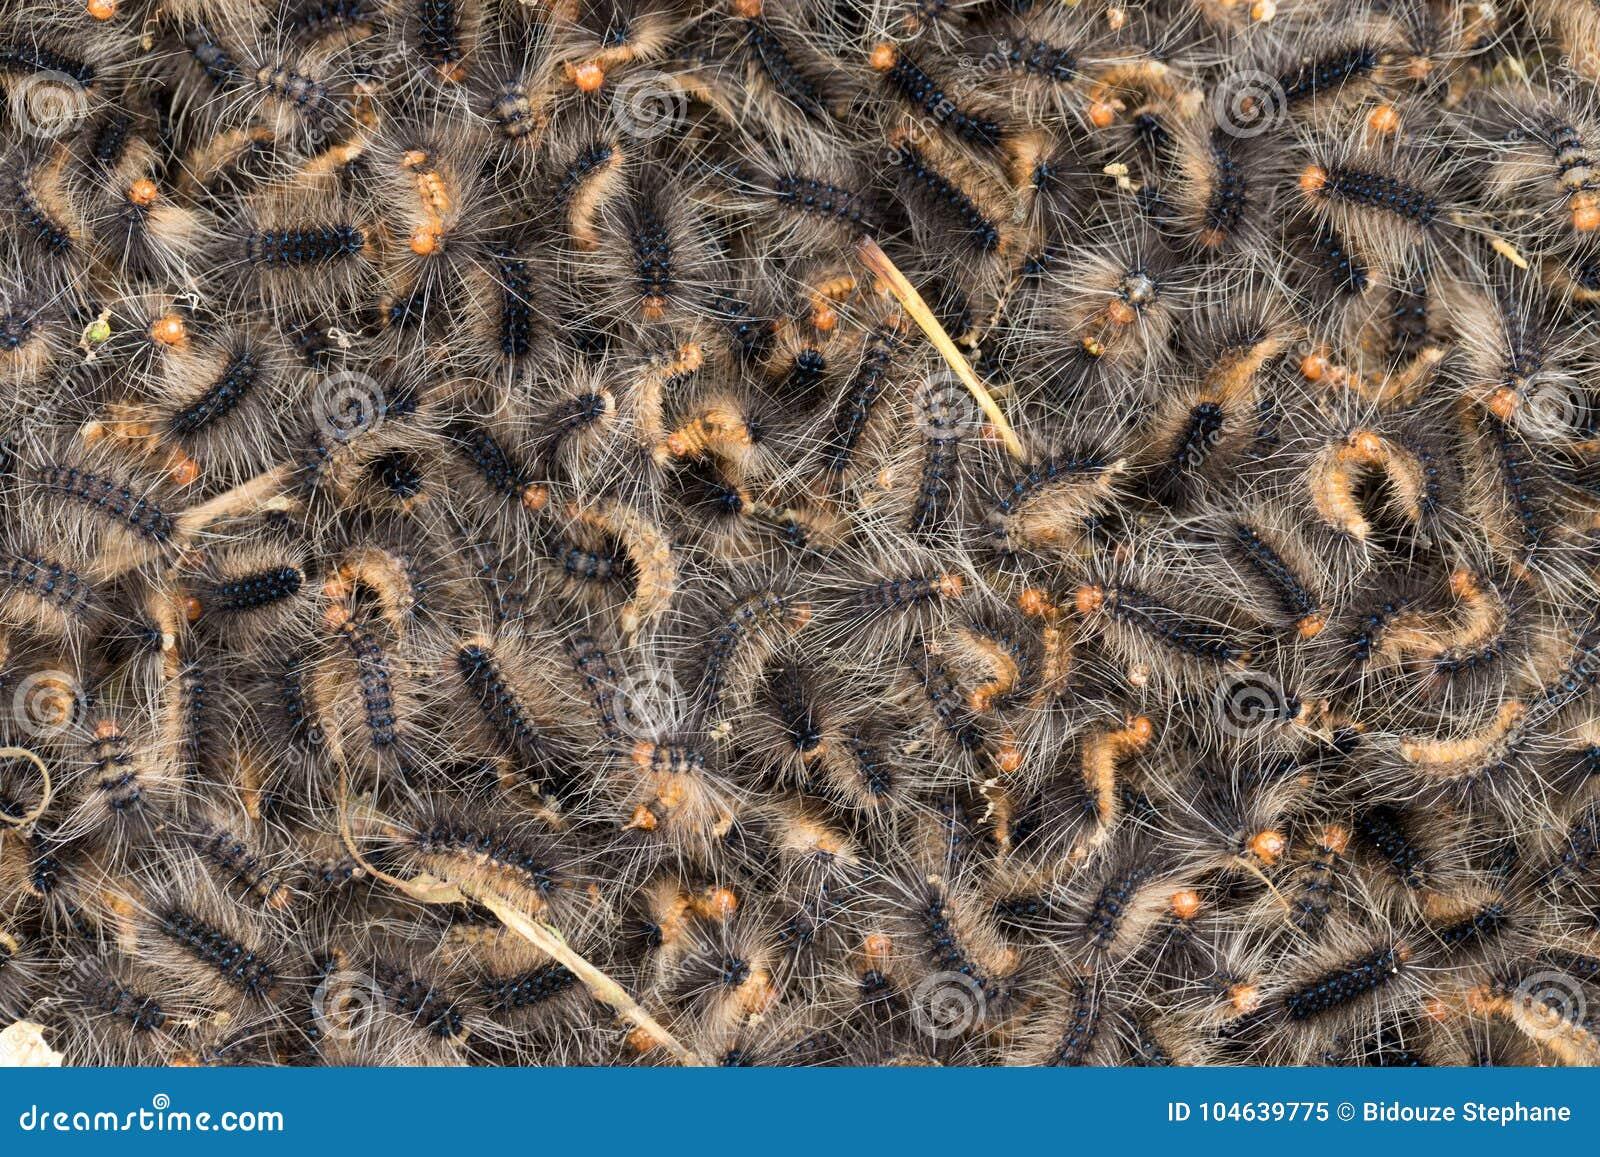 Download Zwerm Van Harige Rupsbanden Stock Afbeelding - Afbeelding bestaande uit harig, textuur: 104639775